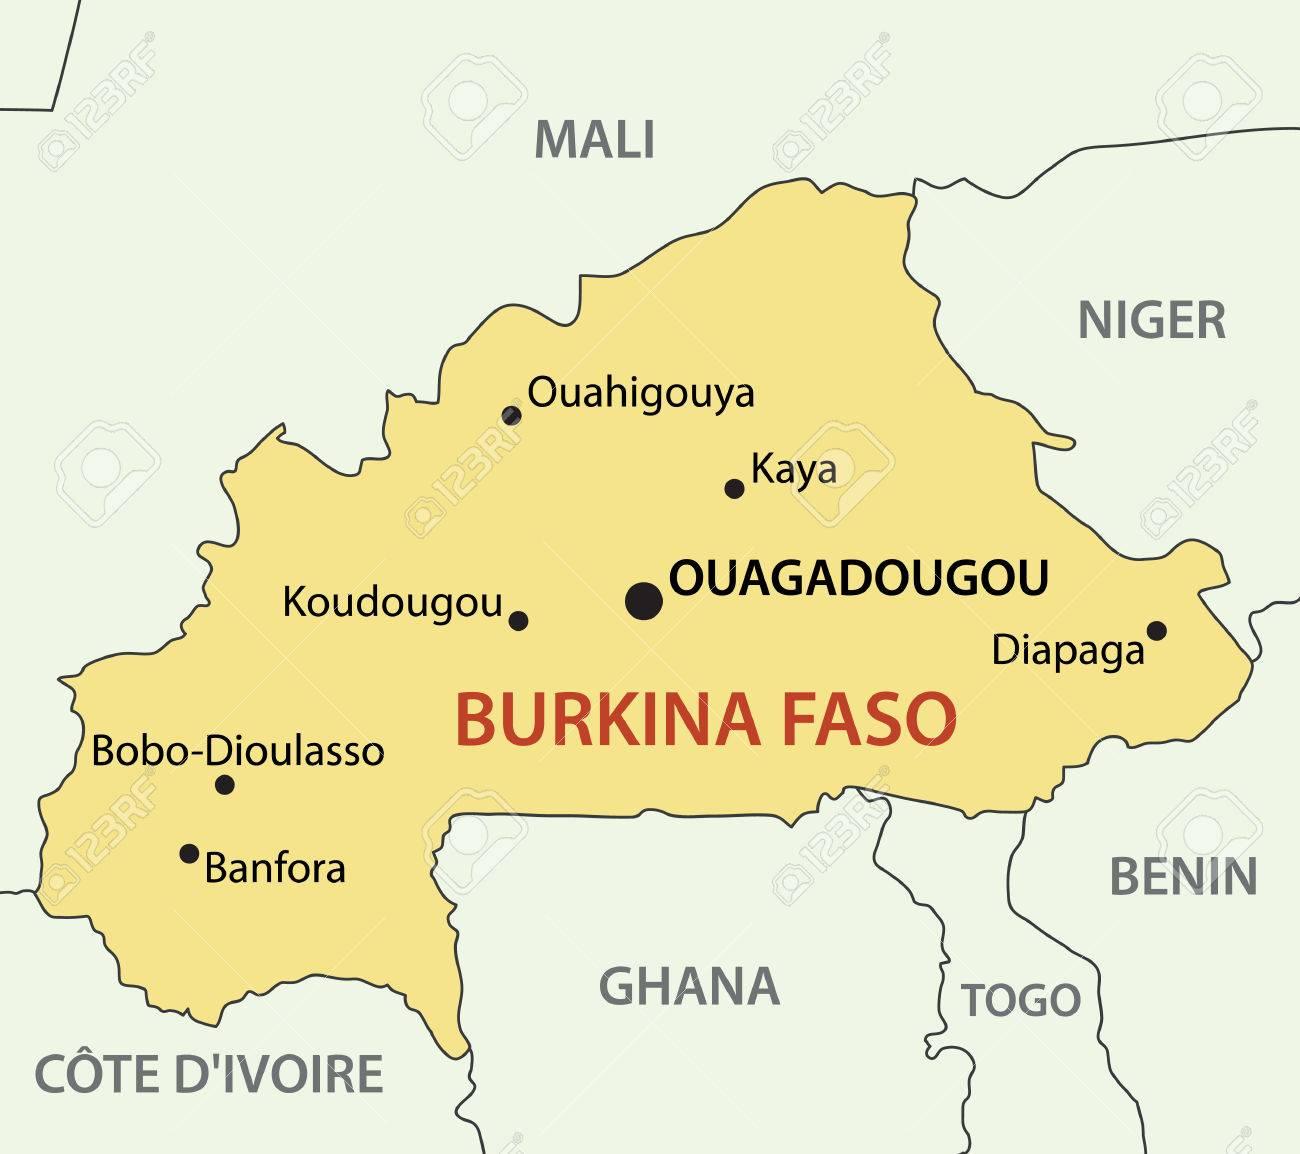 Burkina Faso Vector Map Royalty Free Cliparts Vectors And - Burkina faso map